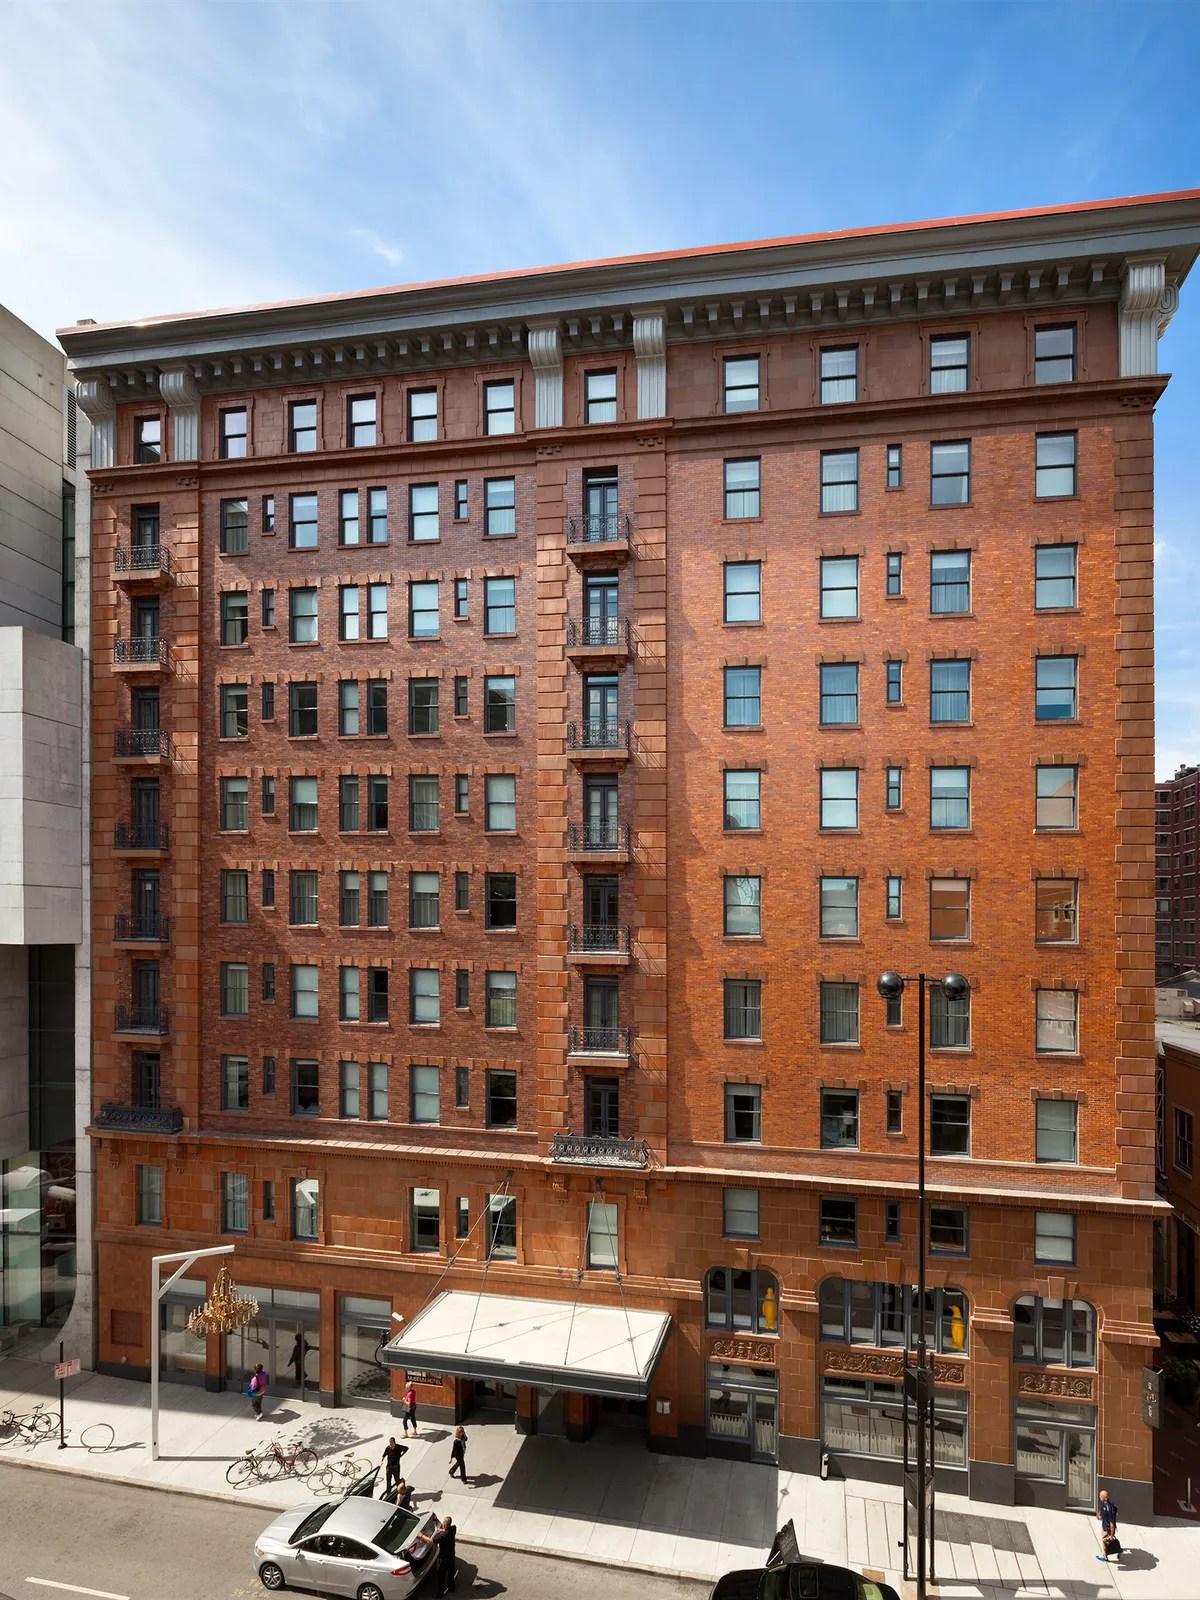 21c Museum Hotel Cincinnati Ohio United